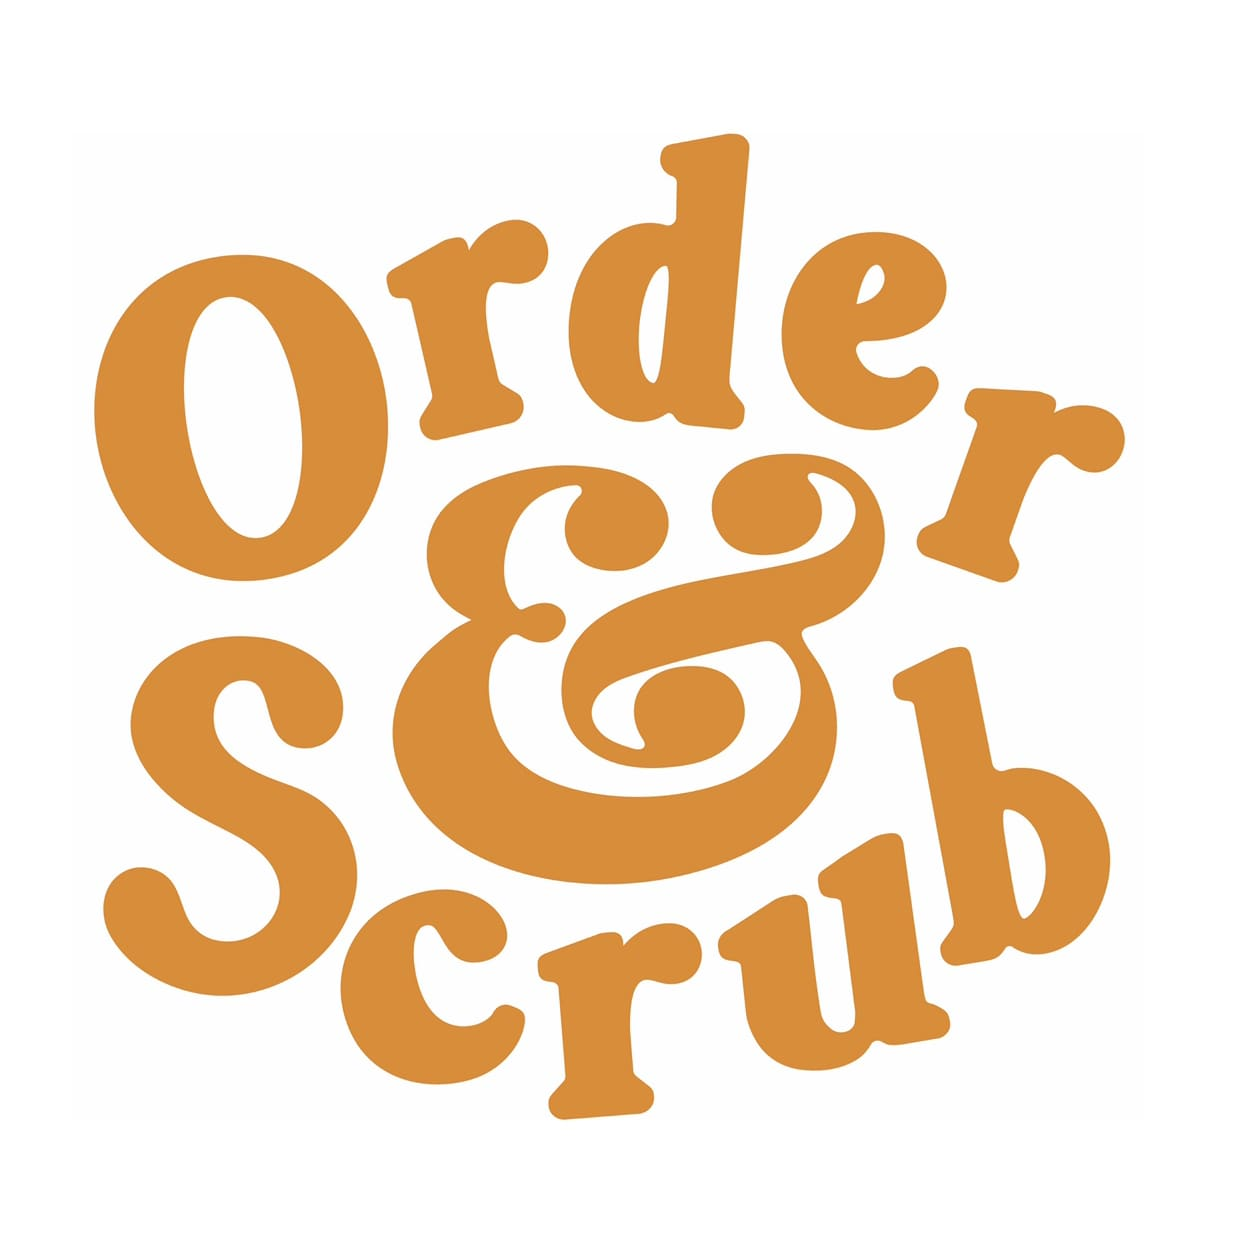 Order & Scrub